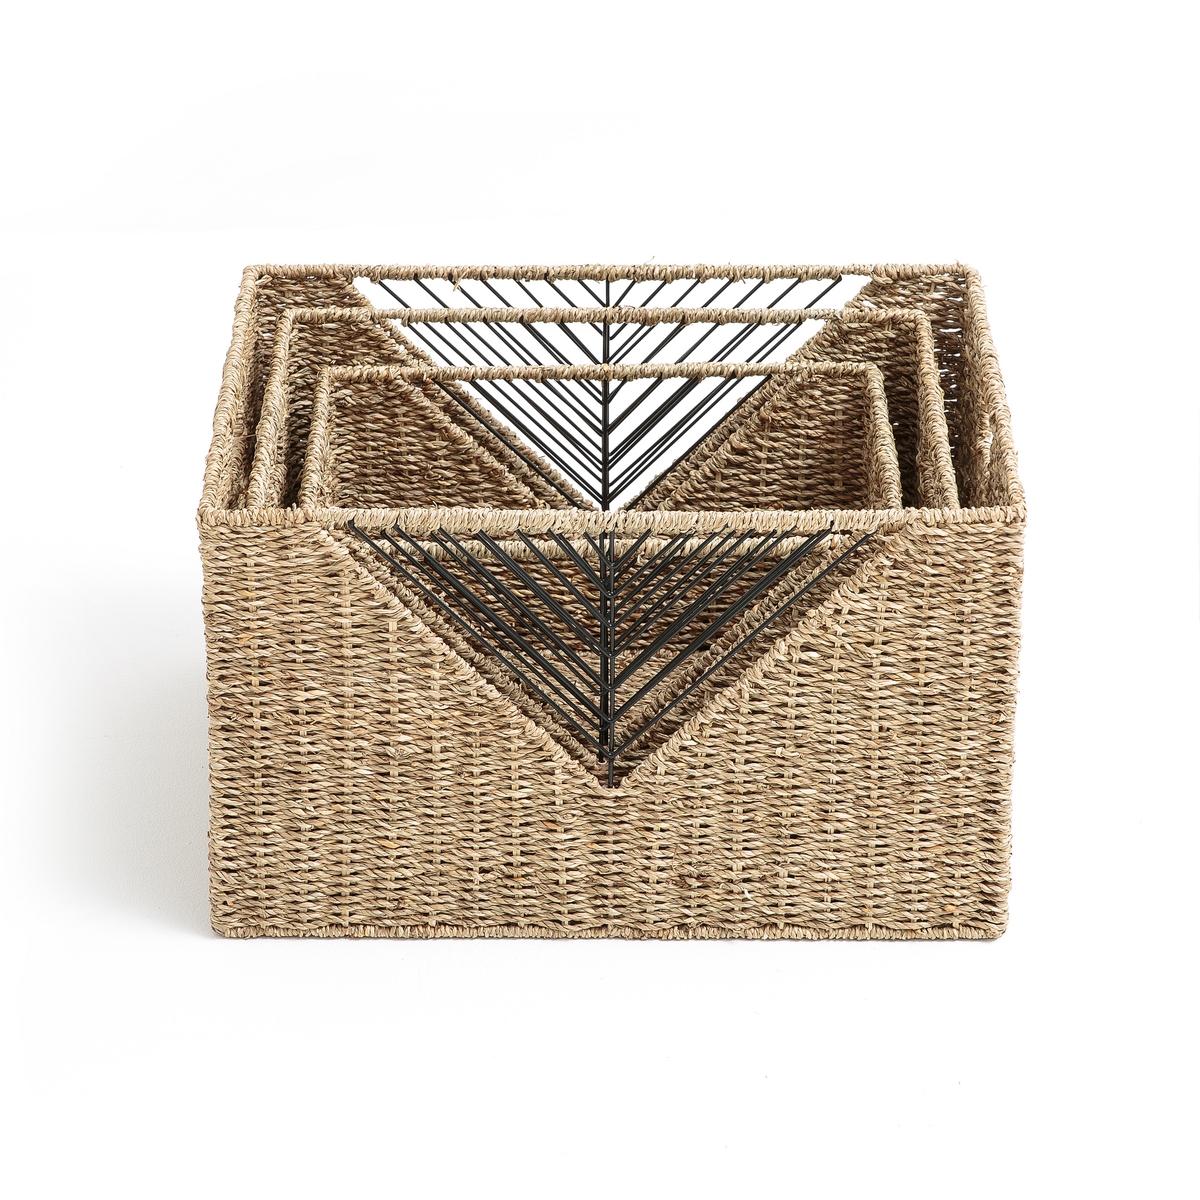 Комплект из 3 прямоугольных корзин, TRESSIE